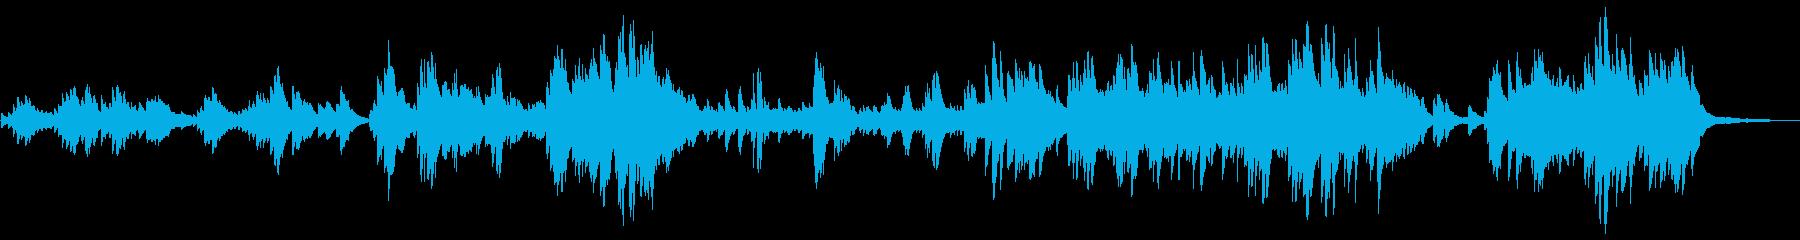 劇伴・ゲーム ノスタルジックなピアノソロの再生済みの波形